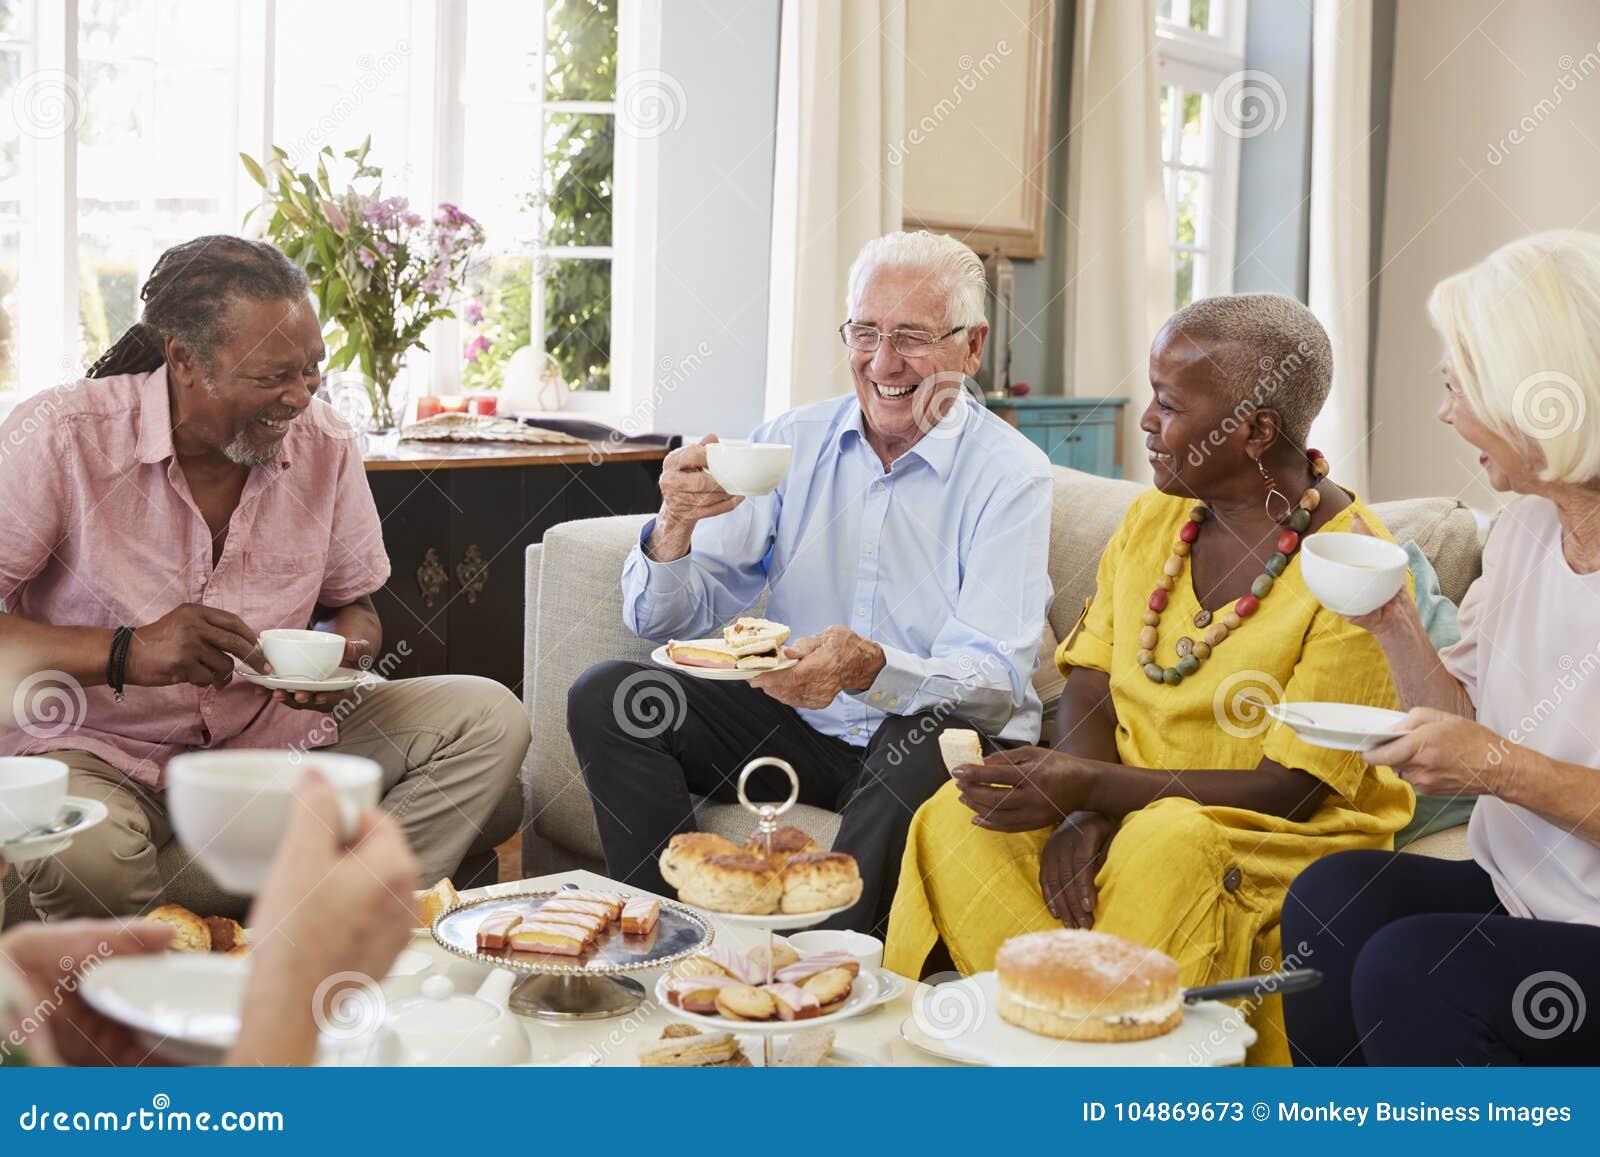 在家享用下午茶的小组资深朋友一起